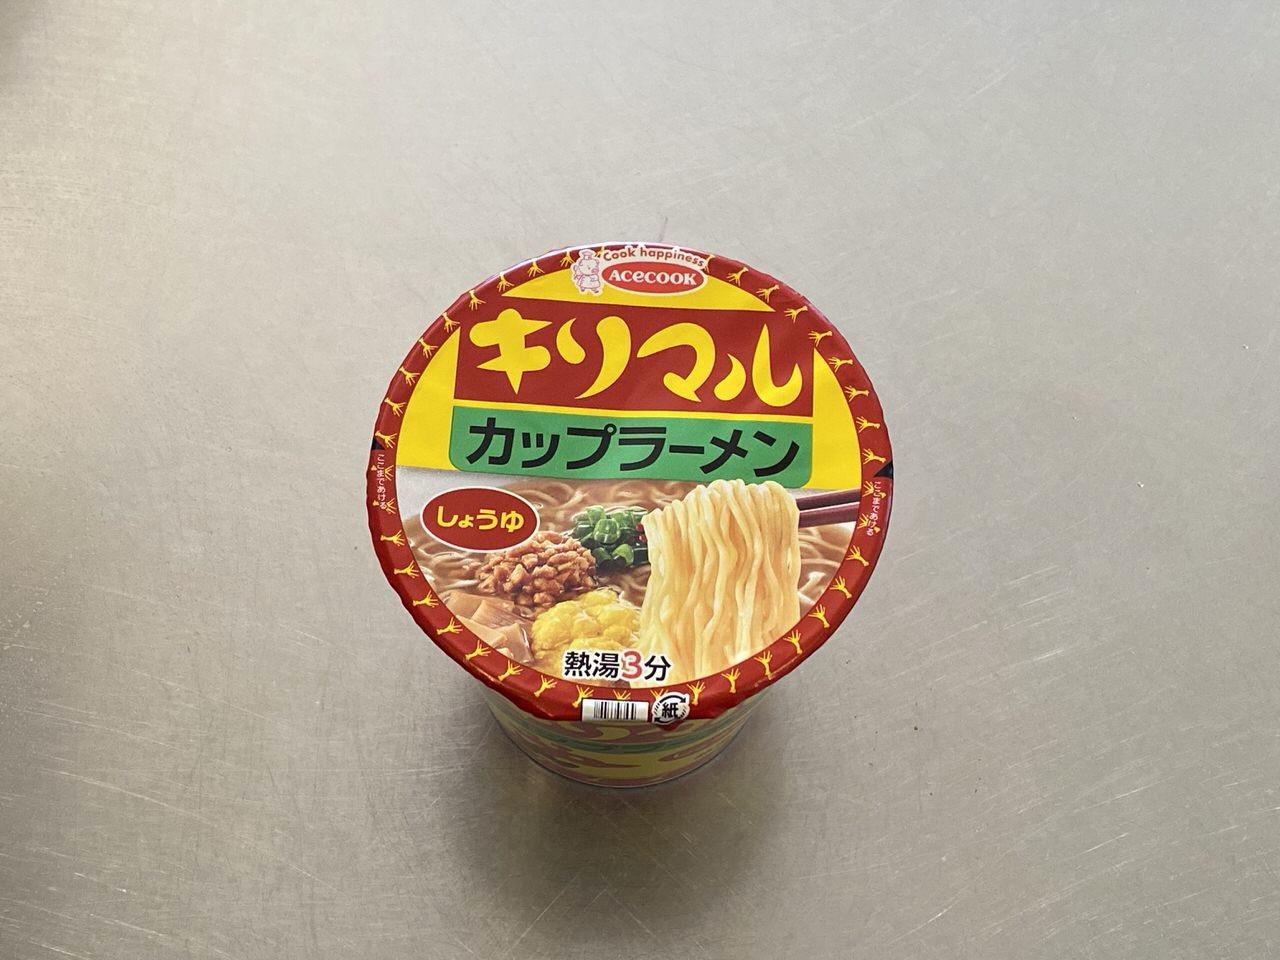 【ローソン限定】愛知県西三河のソウルフードがカップ麺になった!「キリマル カップラーメン」食べてみた